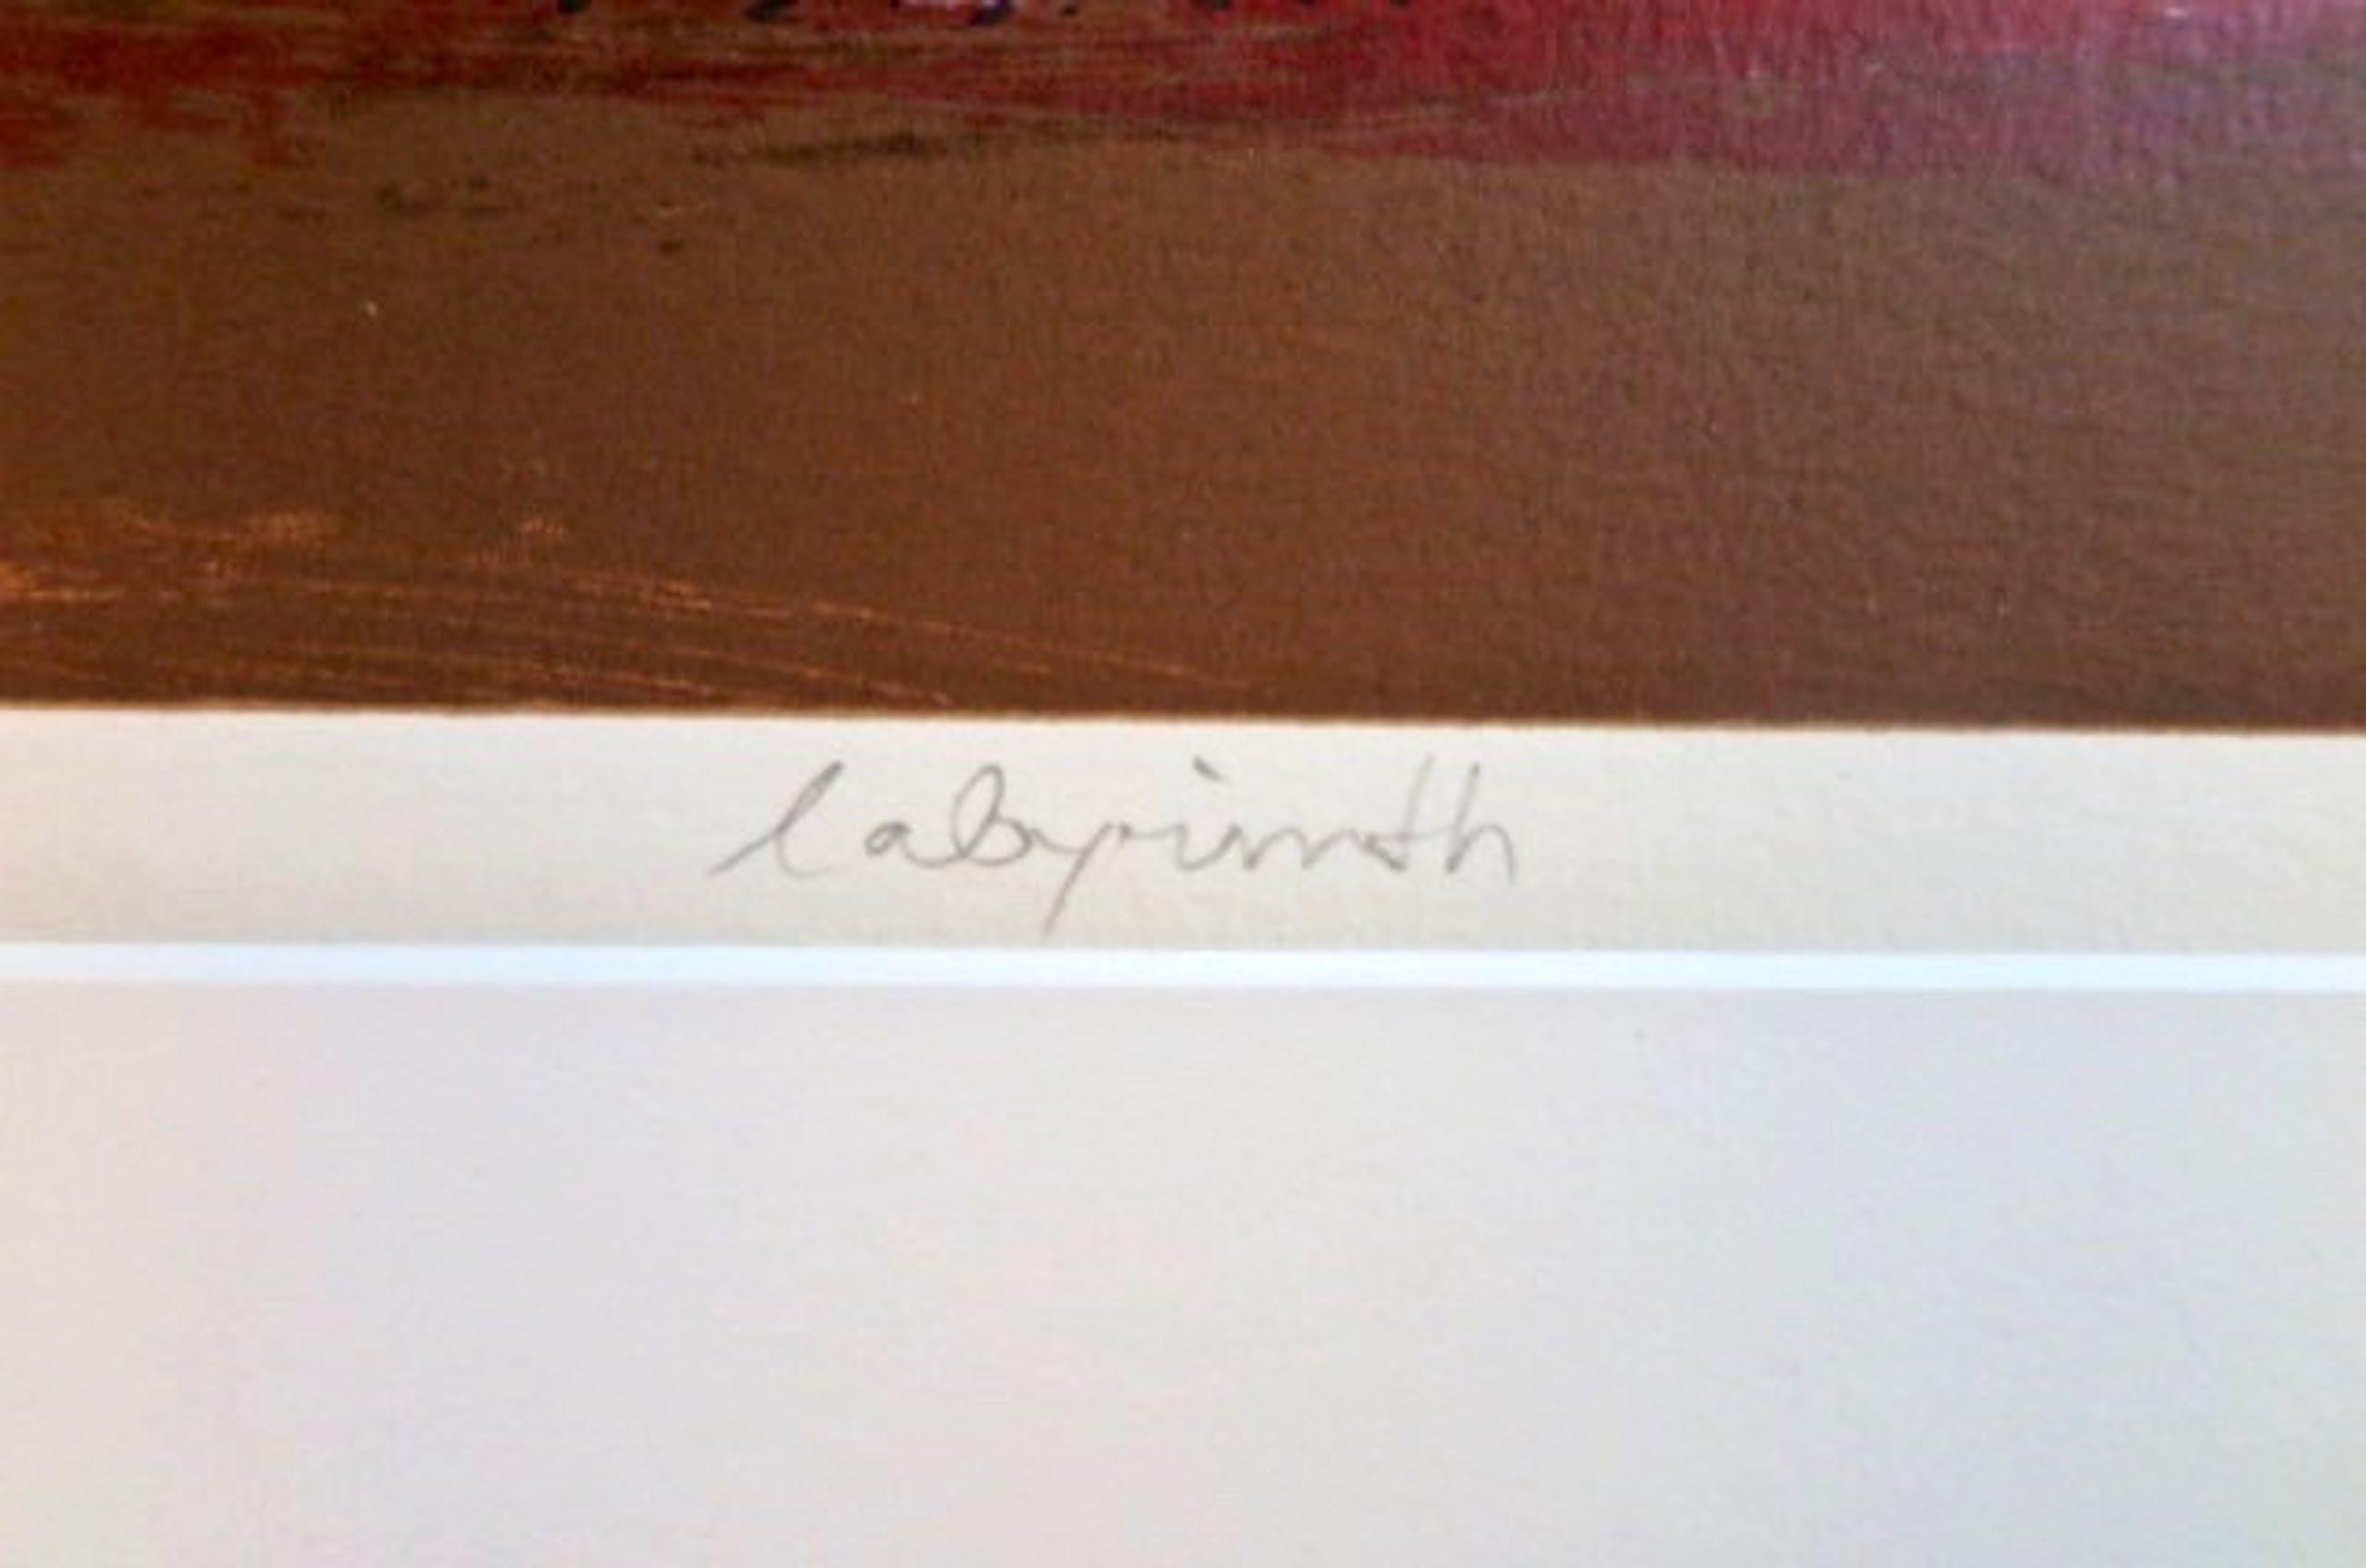 Hans Vanhorck - Labyrinth - Groot - Professioneel passe-partout - Originele galerieprijs F 1800, kopen? Bied vanaf 1!